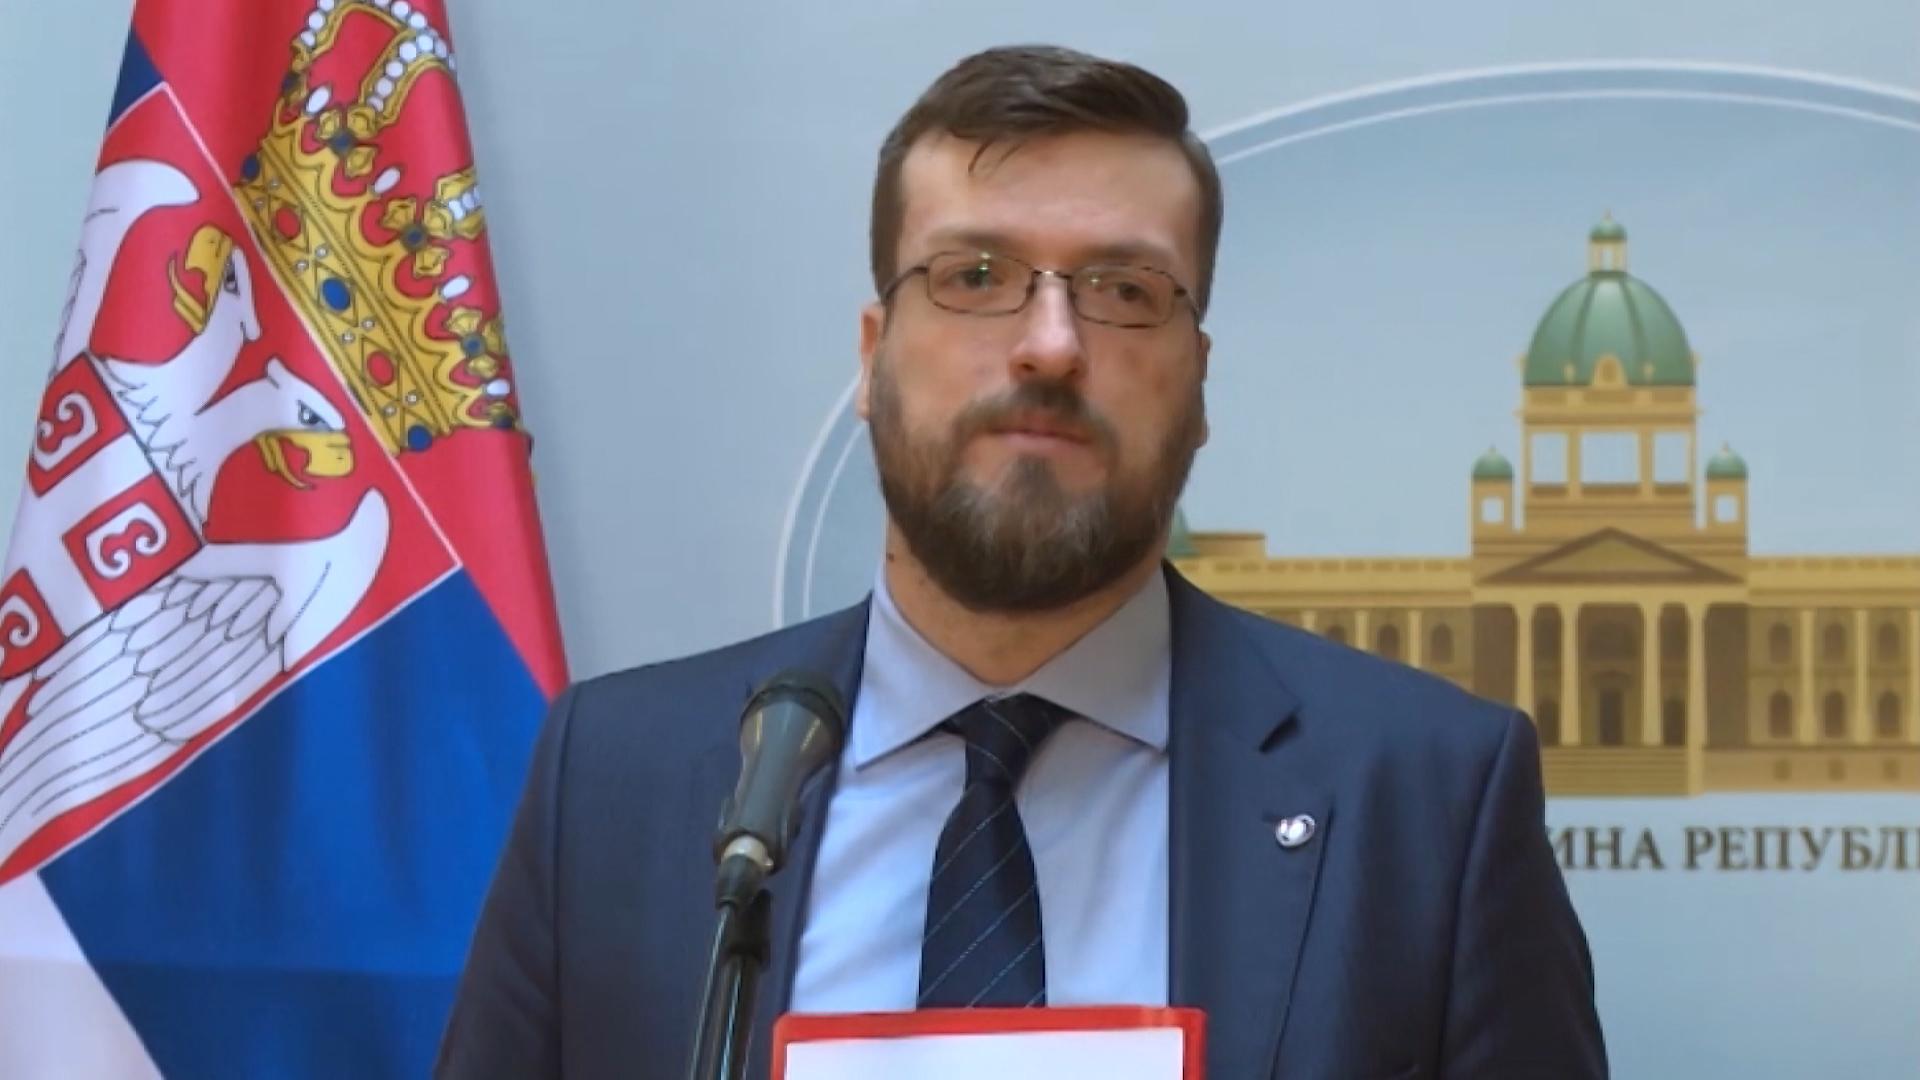 'Public execution' on Serbian political agenda broadly debated